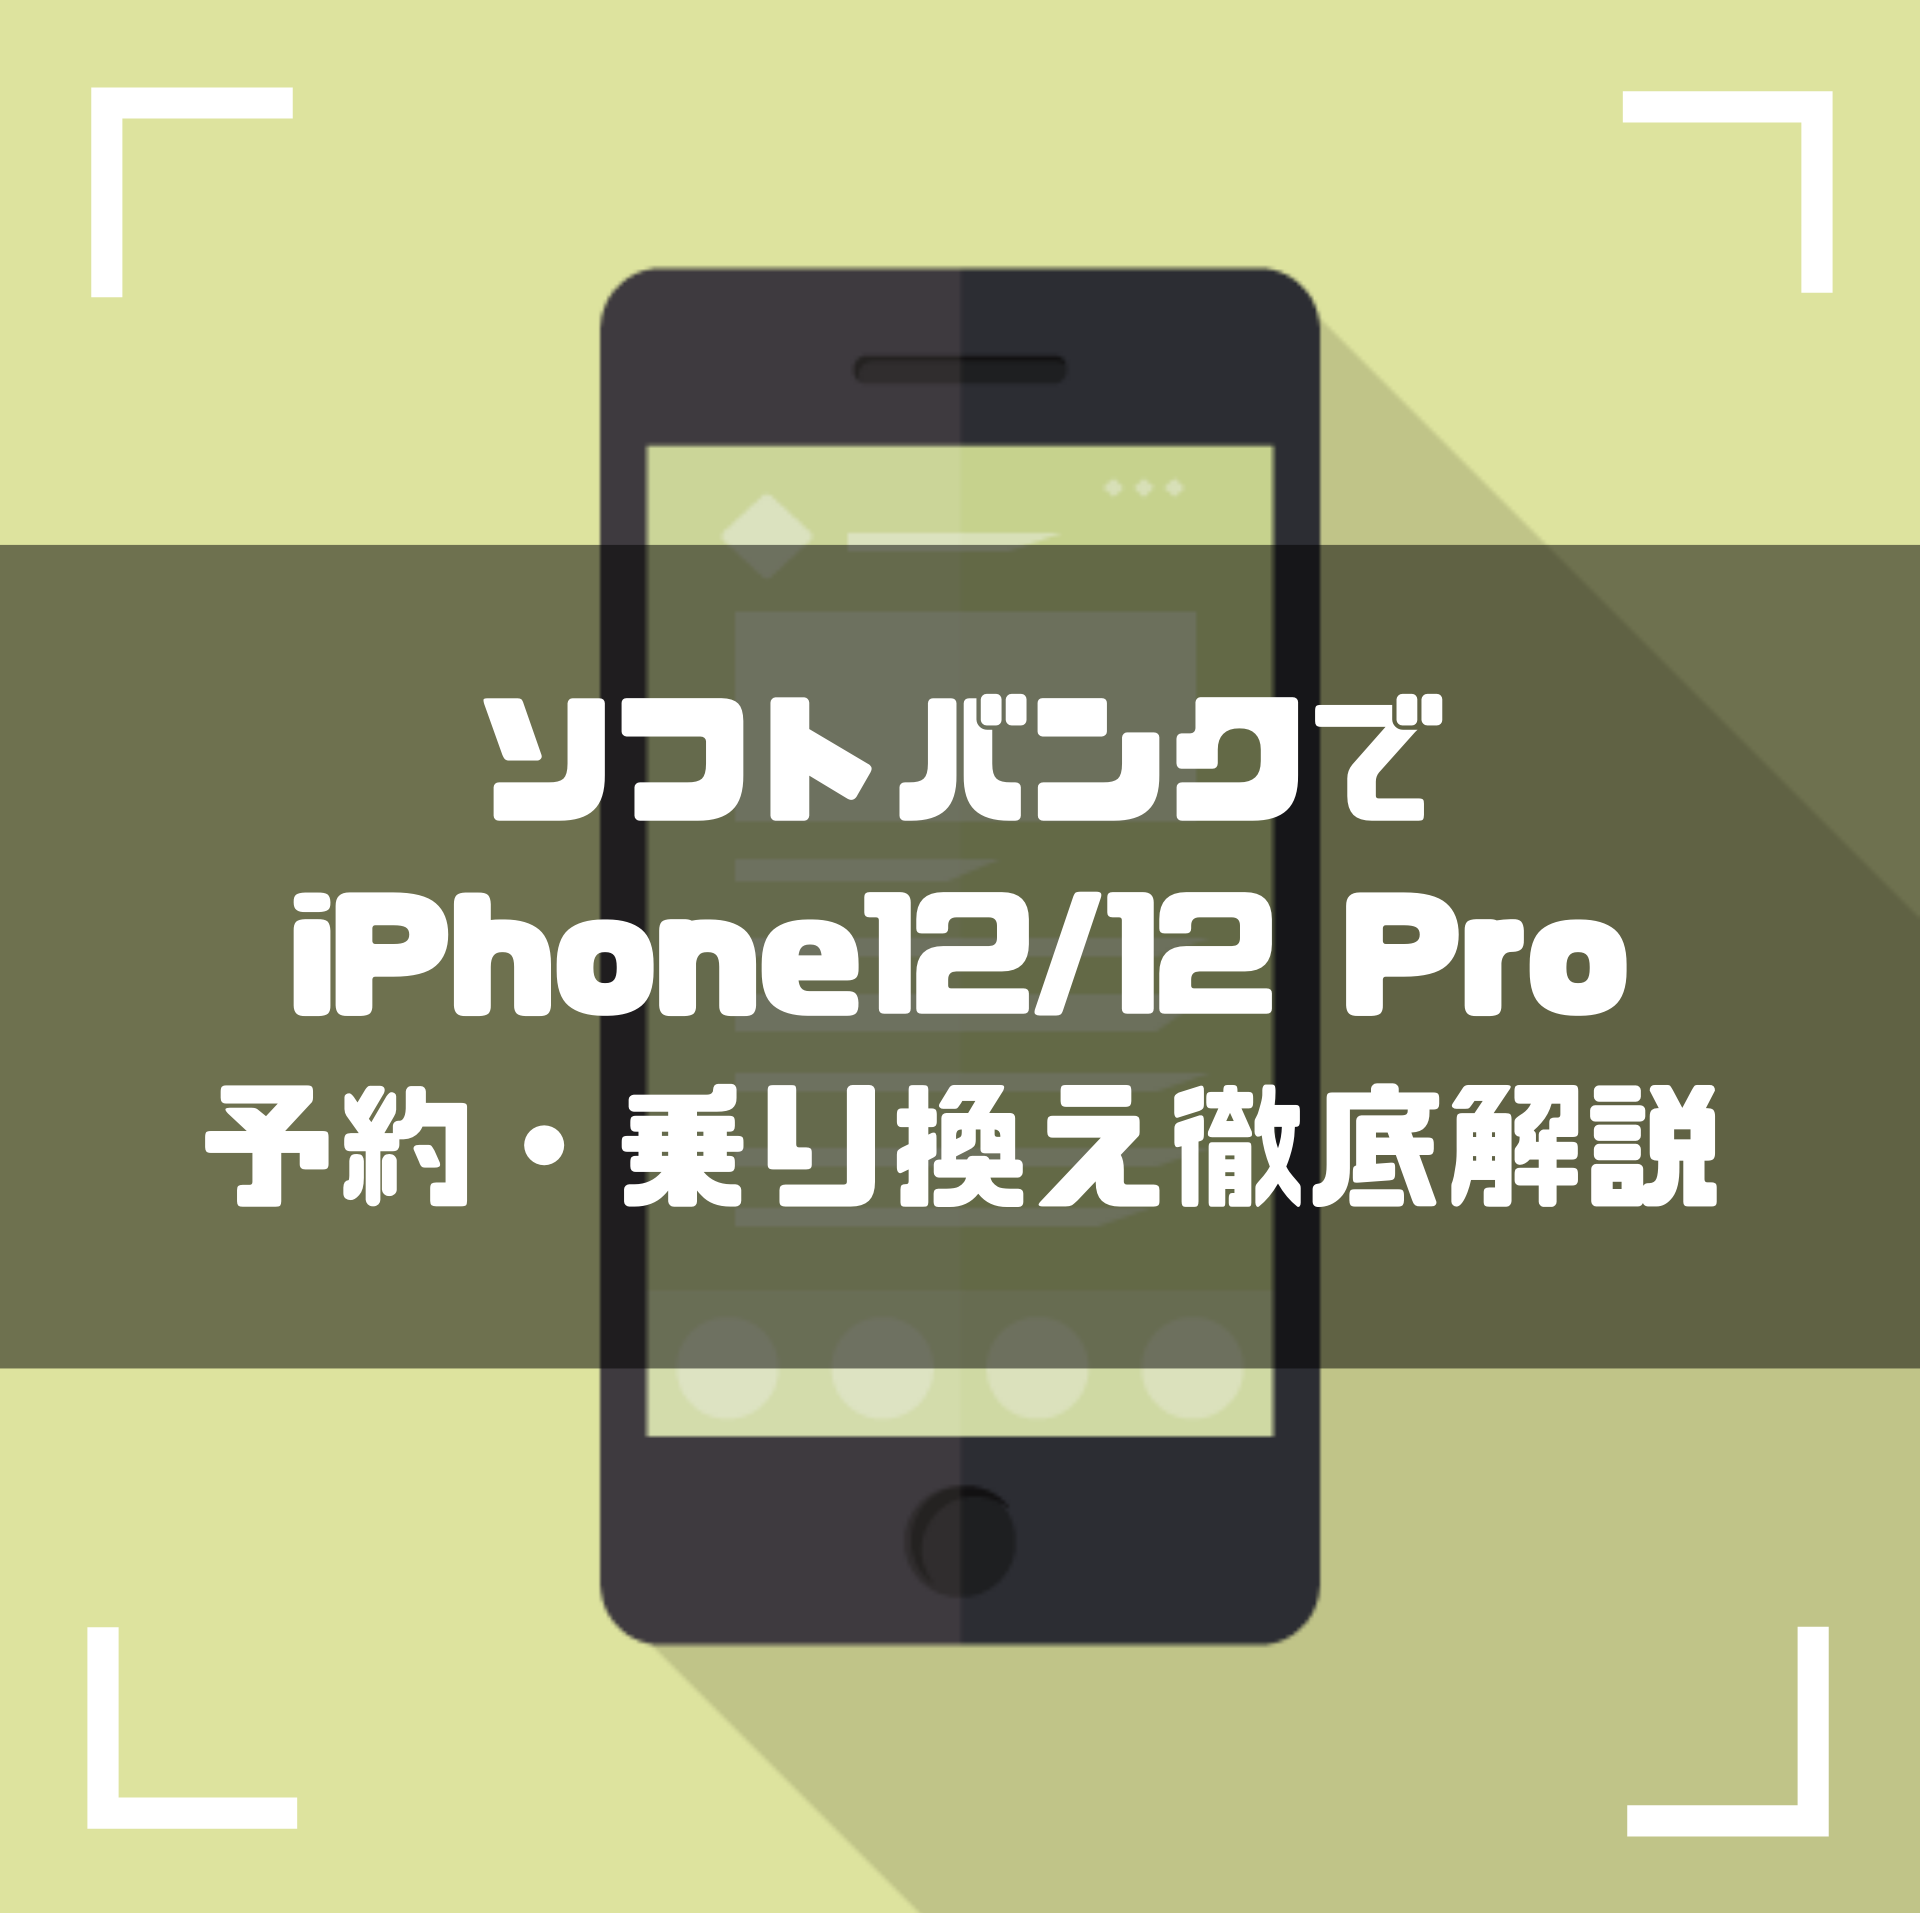 【ソフトバンク】iPhone12の予約・乗り換え手順【料金・お得なキャンペーン・手順を徹底解説】